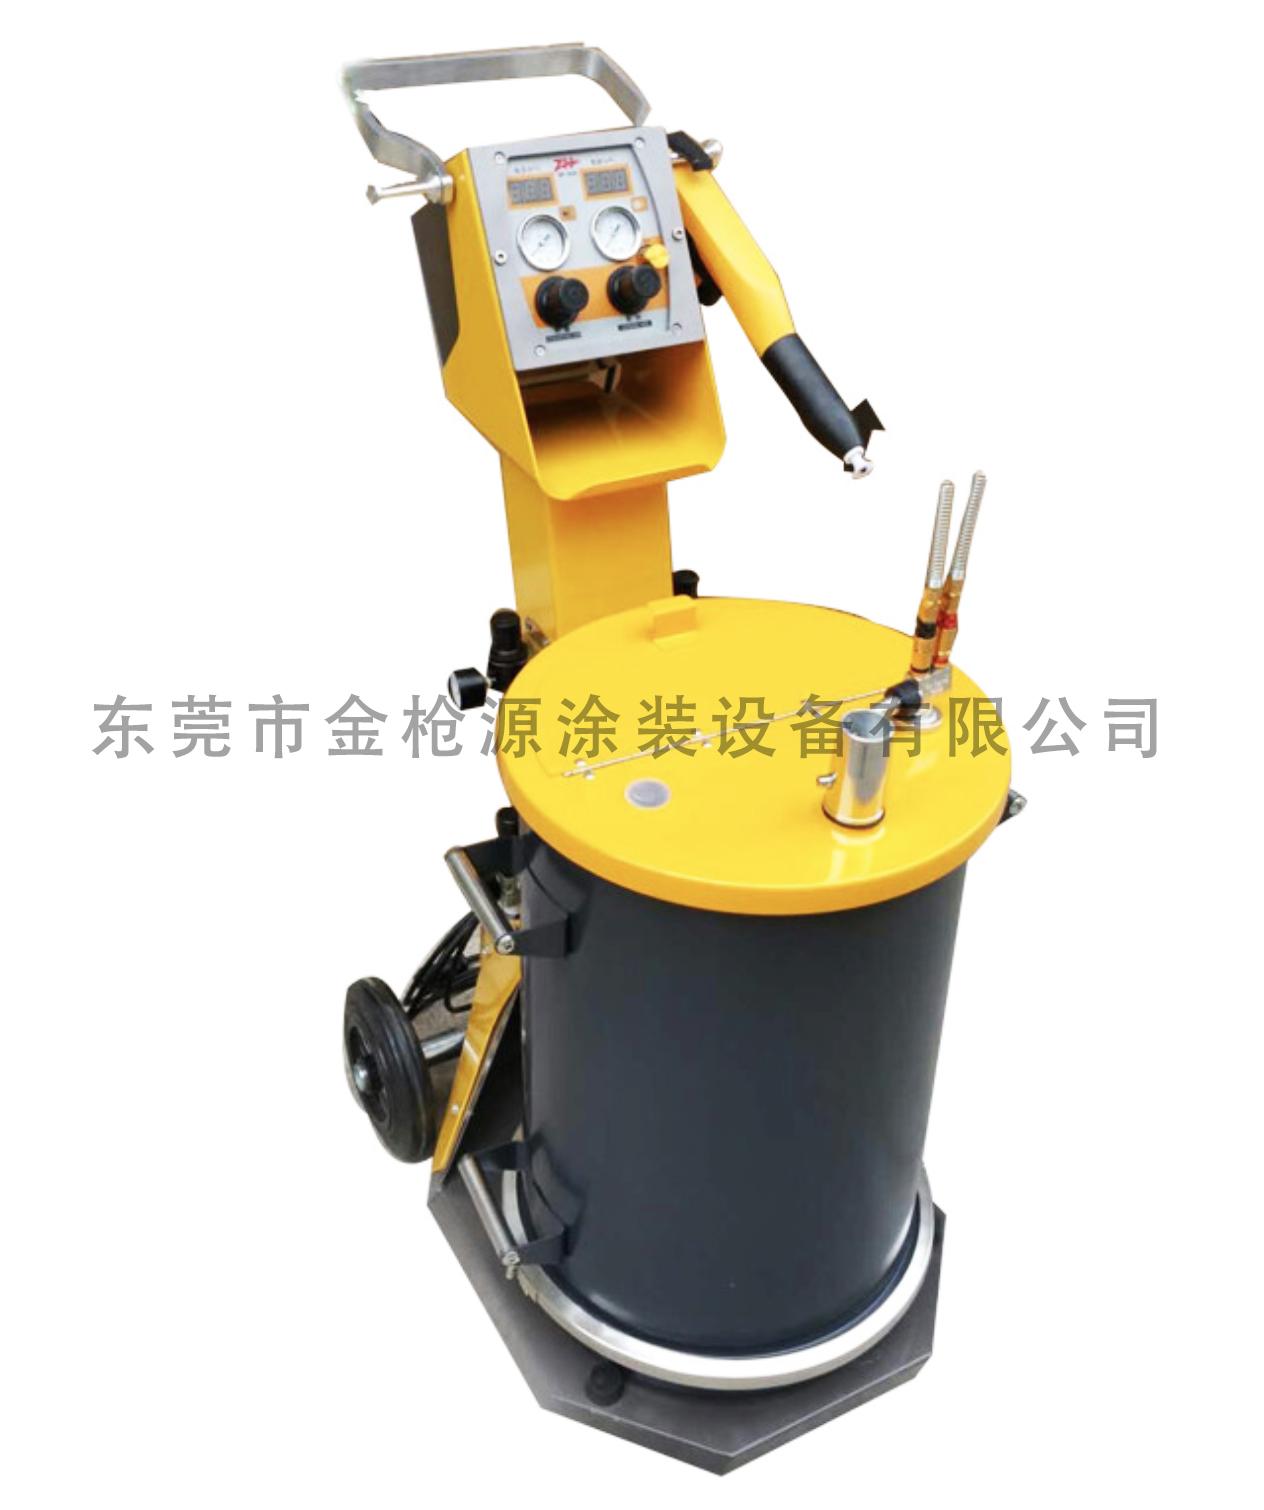 广东KCI静电喷涂高压包厂家,充电电极针生产厂家